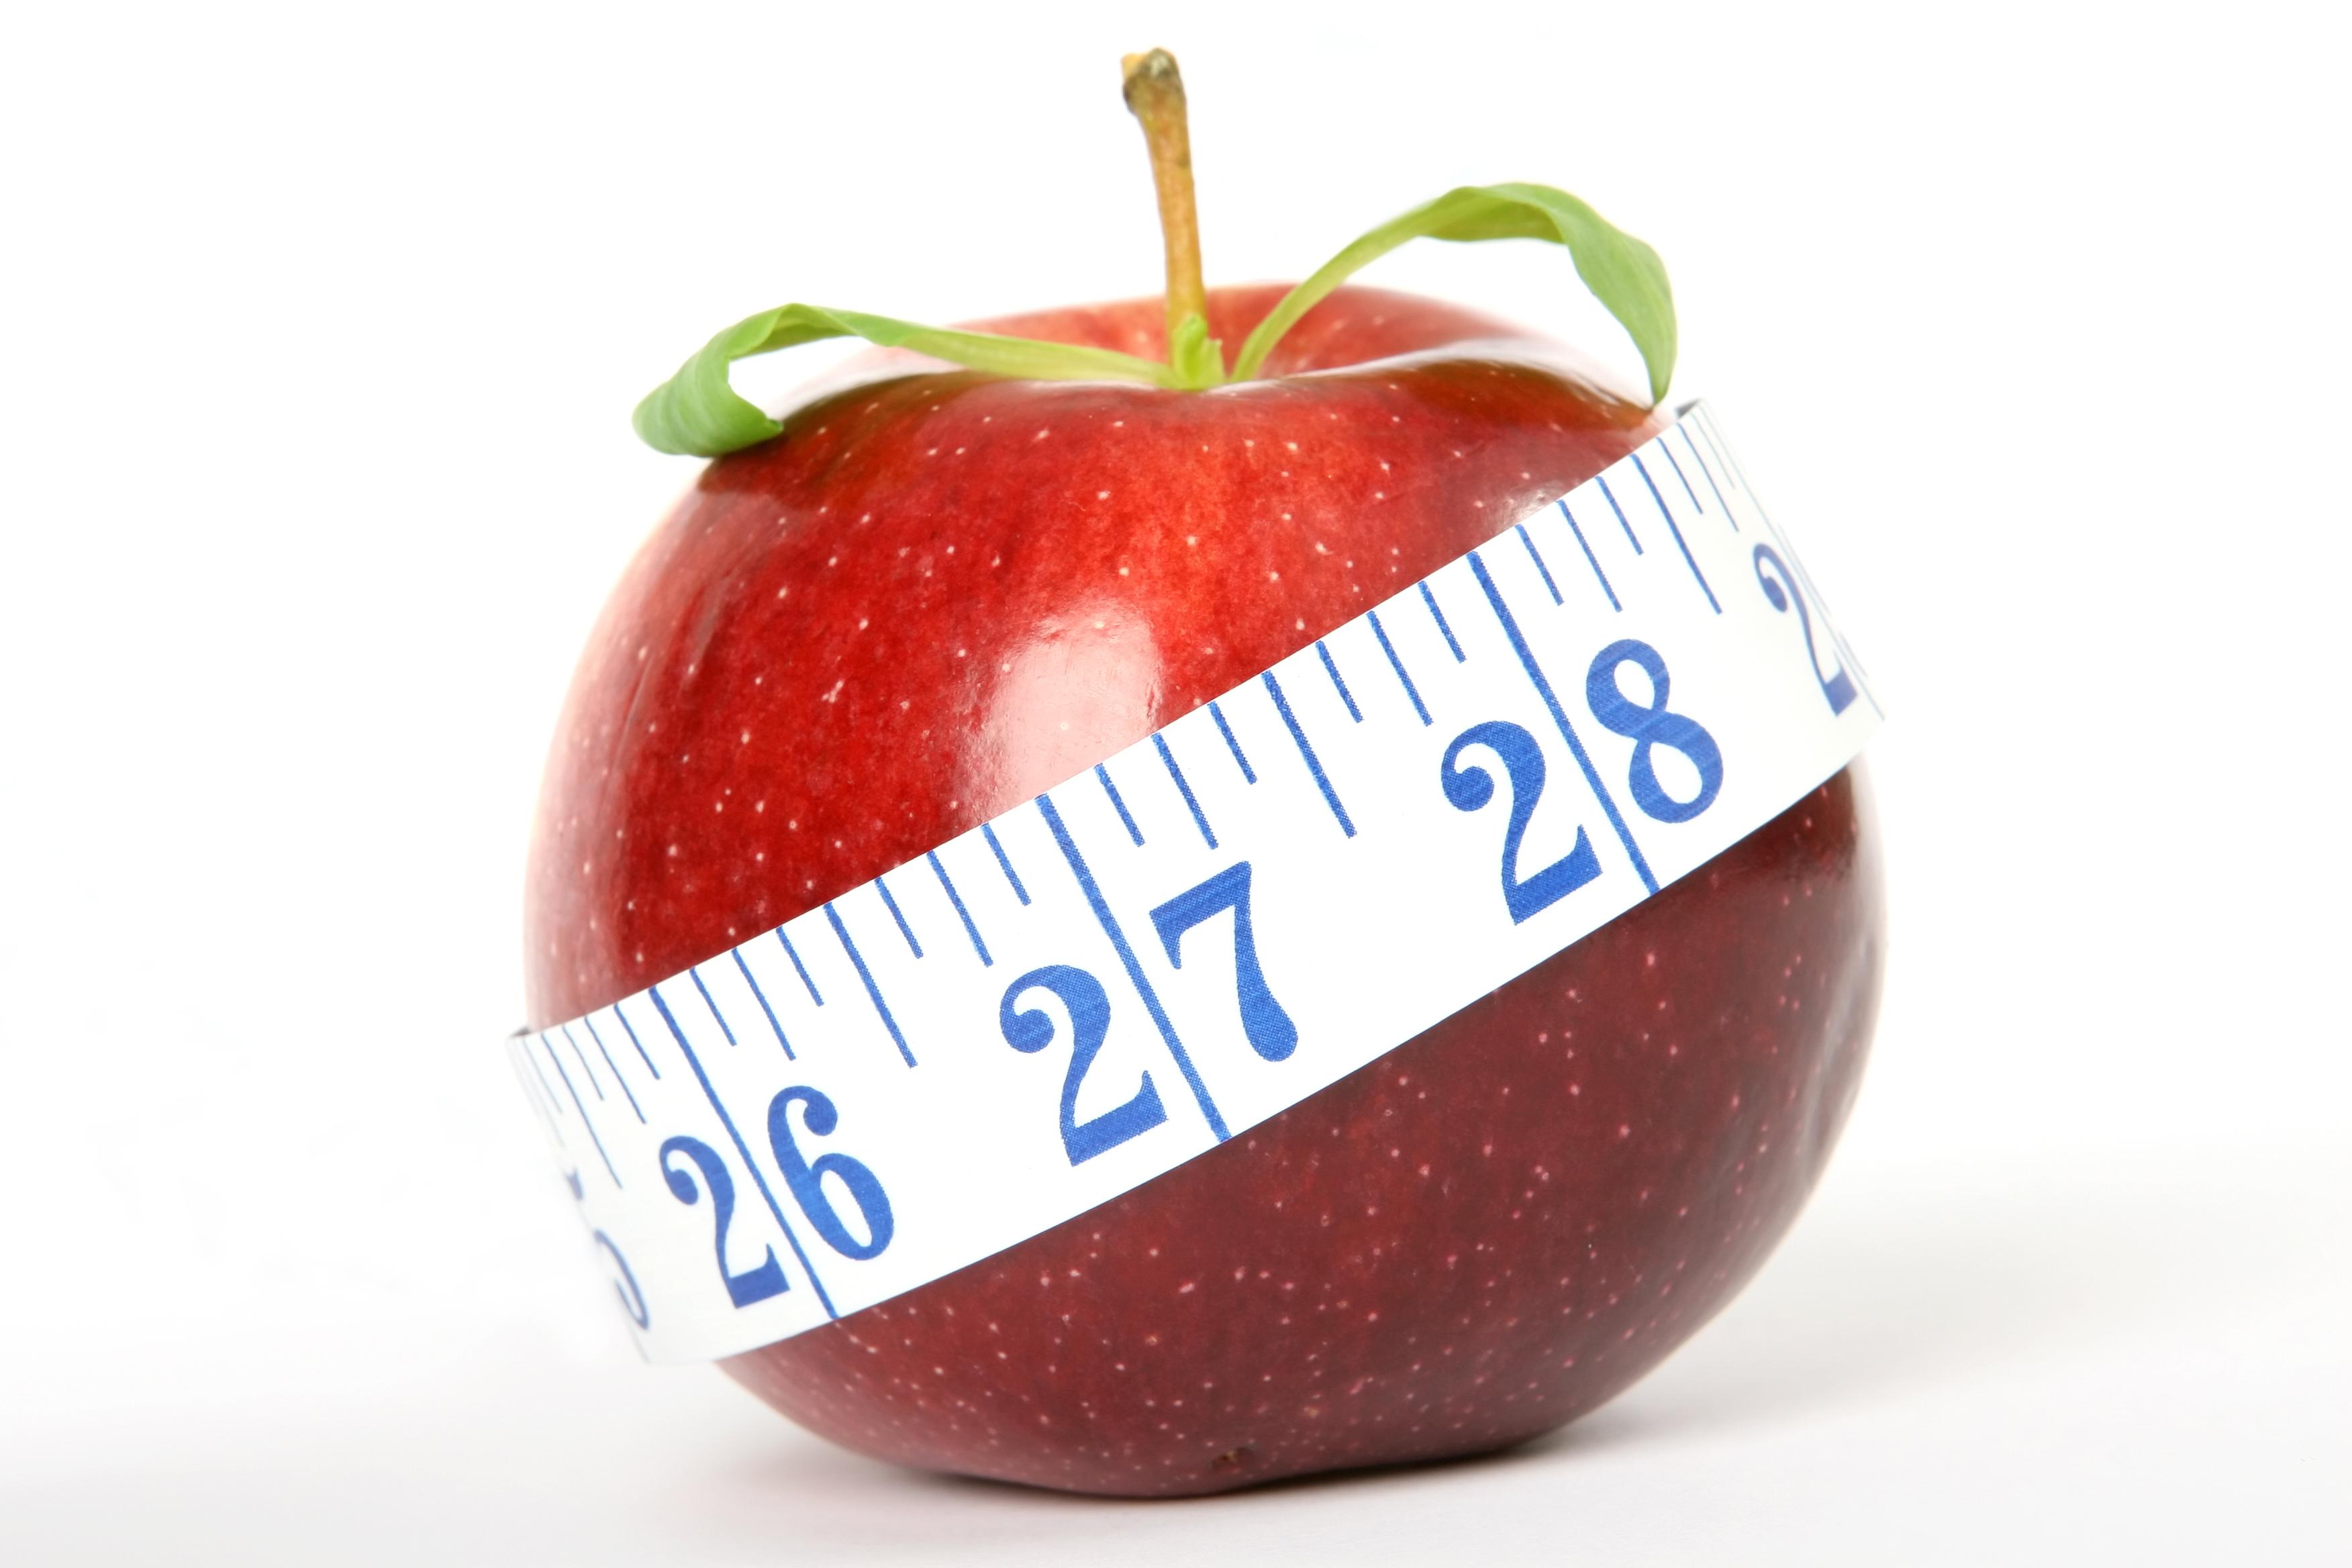 Det som trengs for å gå ned i vekt